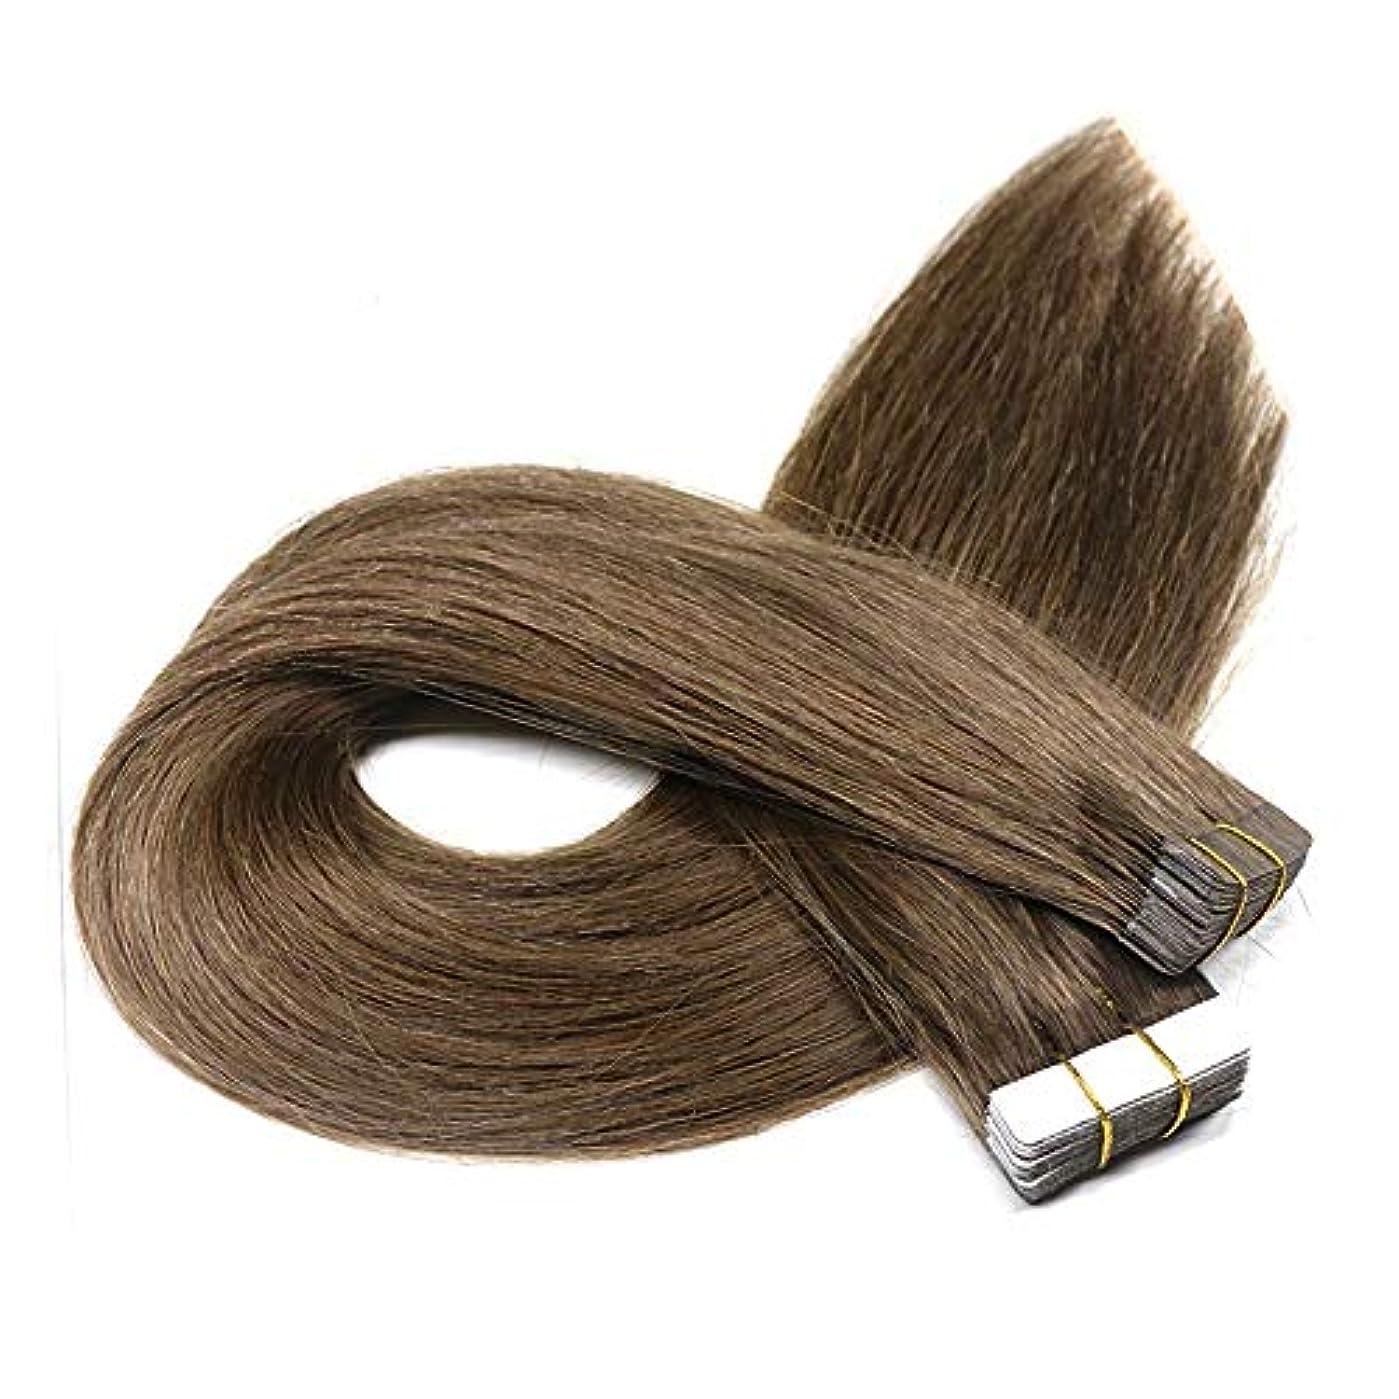 周波数冒険者抵抗するWASAIO ヘアエクステンションクリップ人間でシームレスな髪型テープ - 100%未処理のレミーストレート横糸モトリー?ブラウンセンブランス (色 : ブラウン, サイズ : 28 inch)